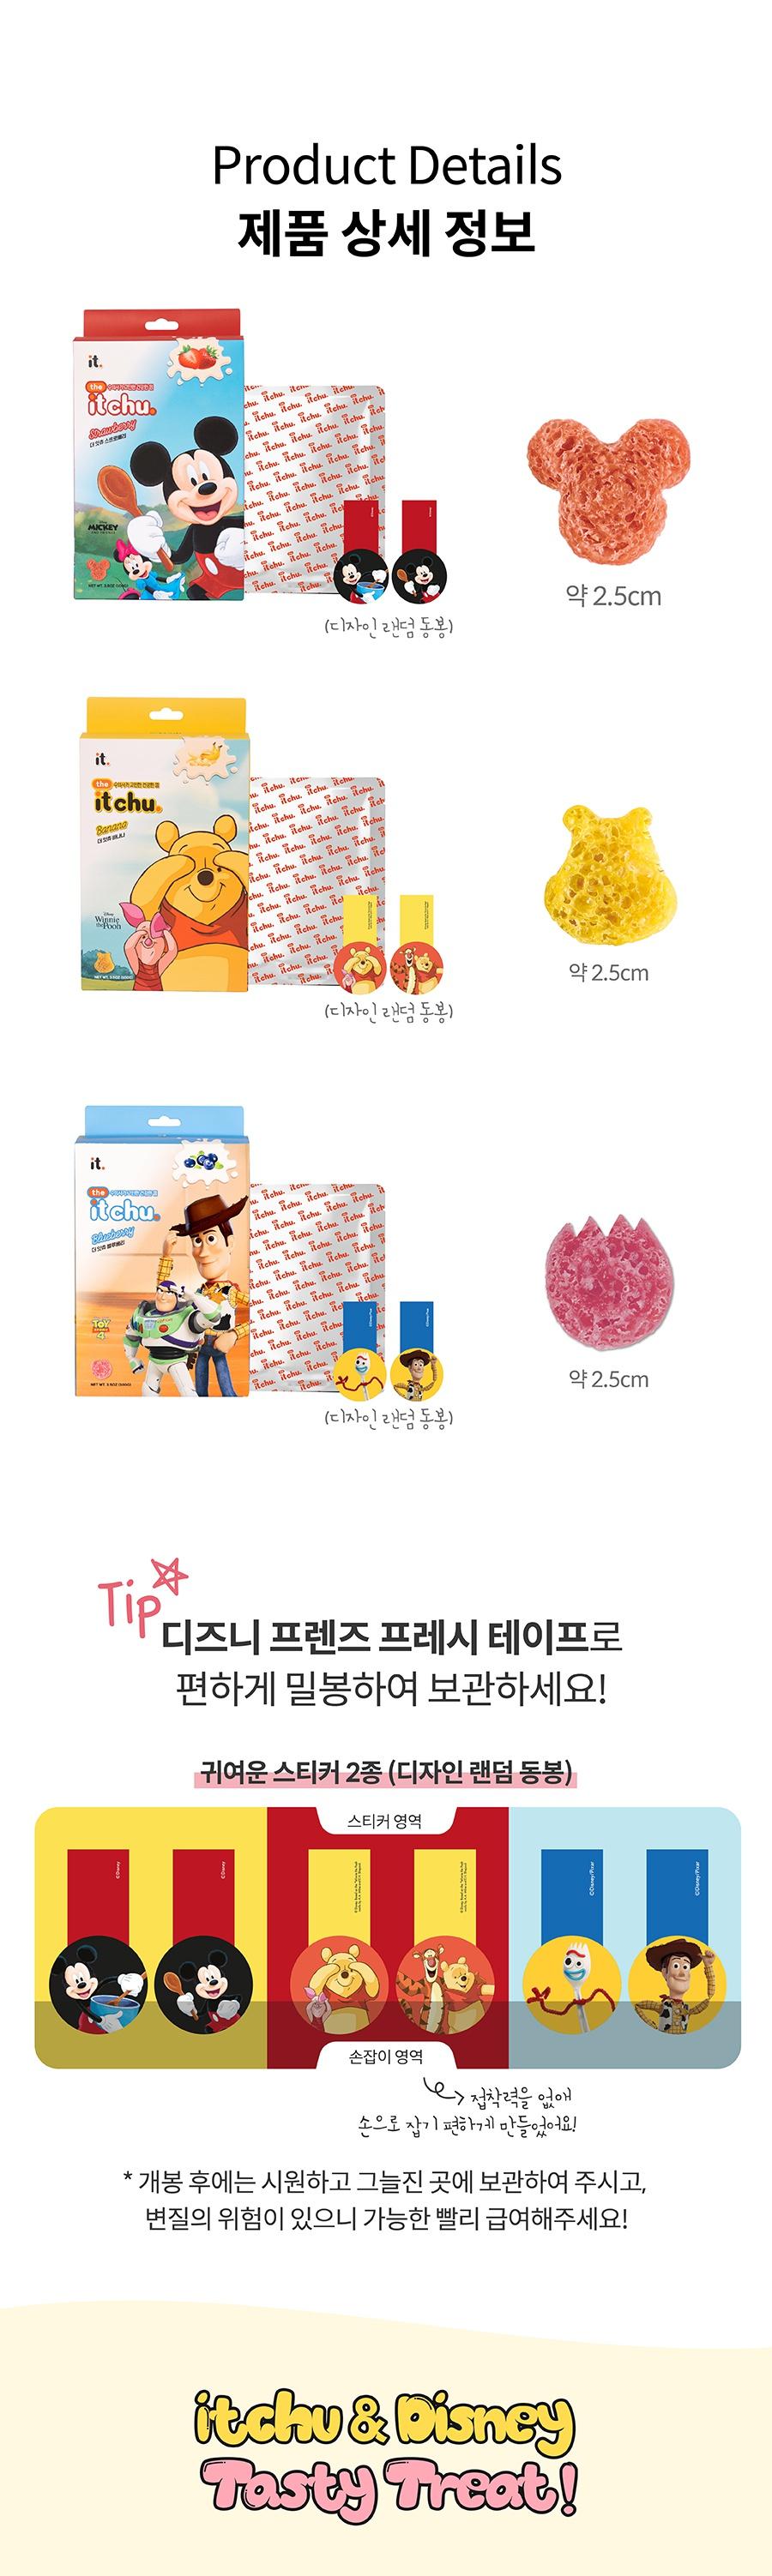 it 잇츄 디즈니 (딸기/바나나/블루베리)-상품이미지-7